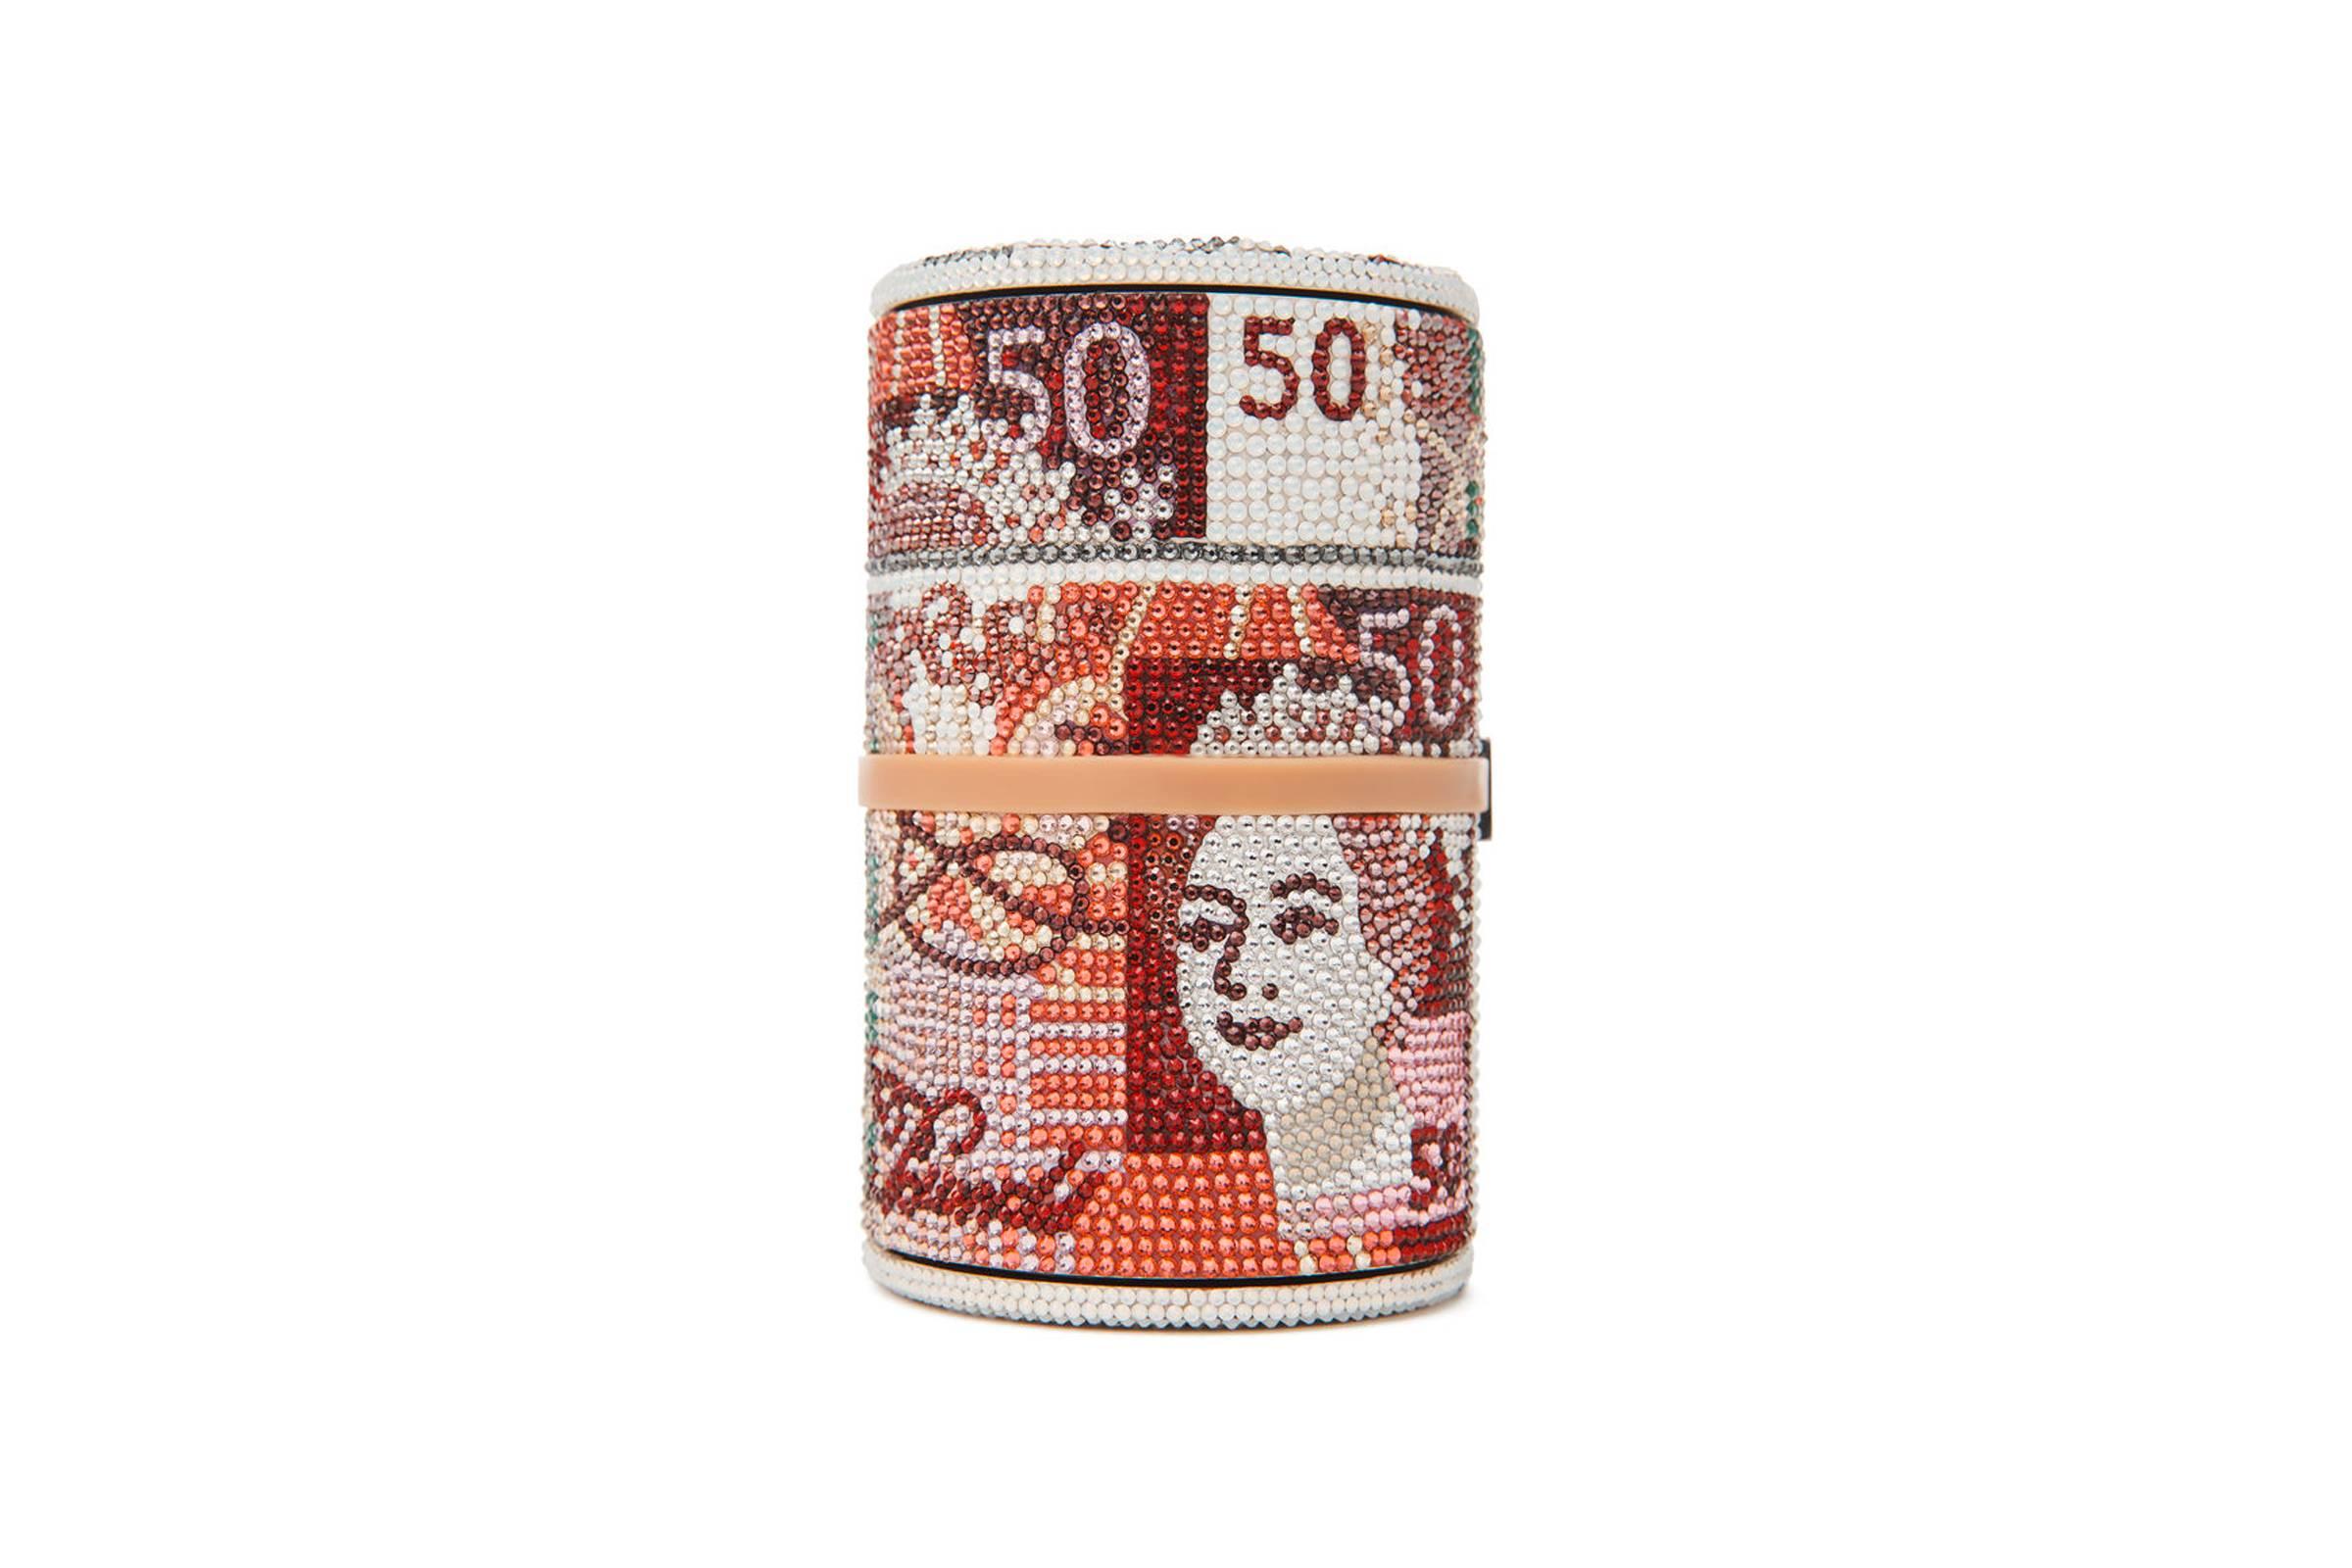 """2. Alexander Wang x Judith Leiber """"British Pound"""" Money Roll Clutch"""